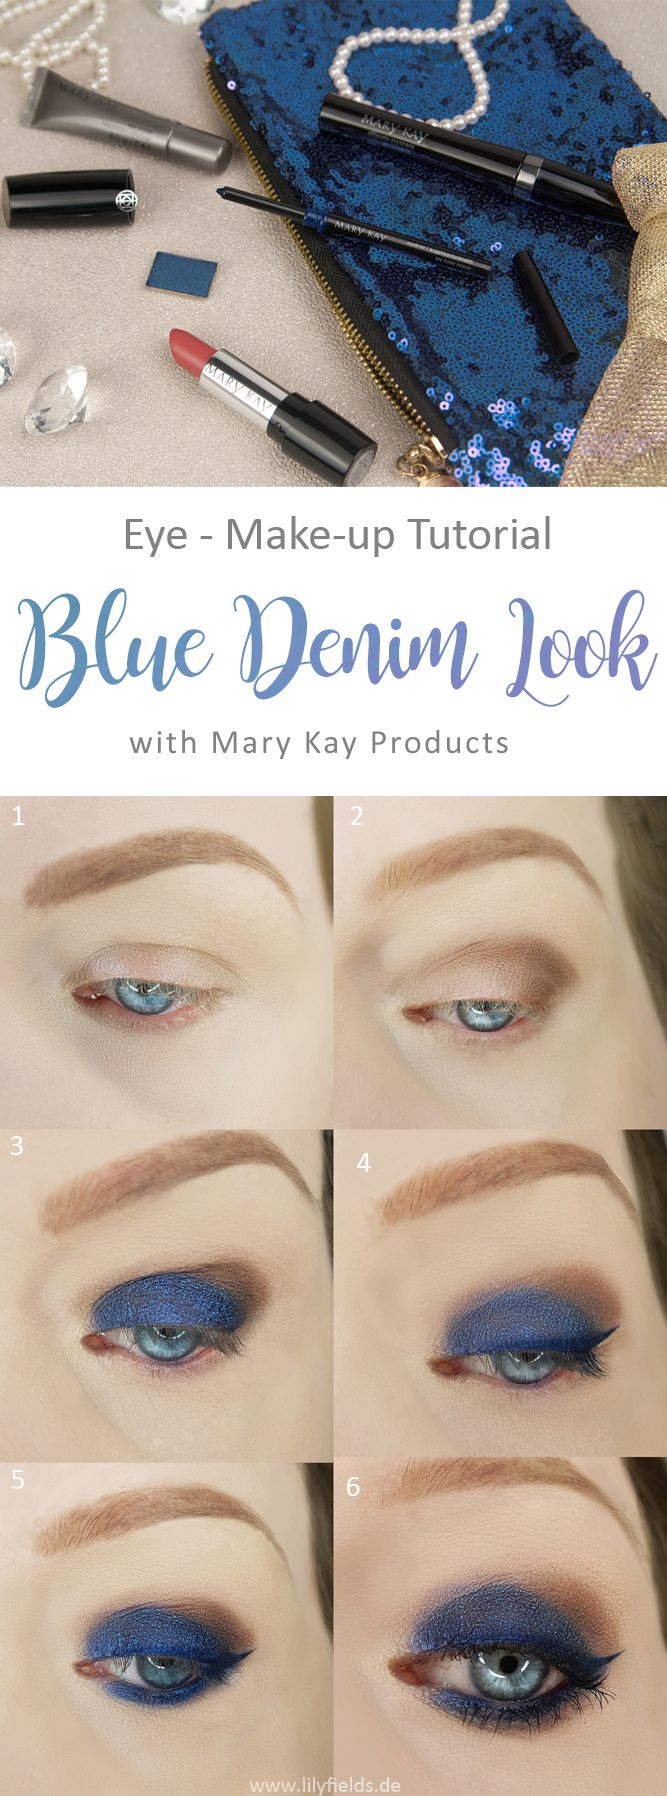 Augen  Make-up Tutorial in sechs Schritten zu einem Make-up. Step-by-Step Anleitung zum Blue Denim Look mit den Produkten von Mary Kay. Dazu gibt es noch eine Review zu diesen Produkten.